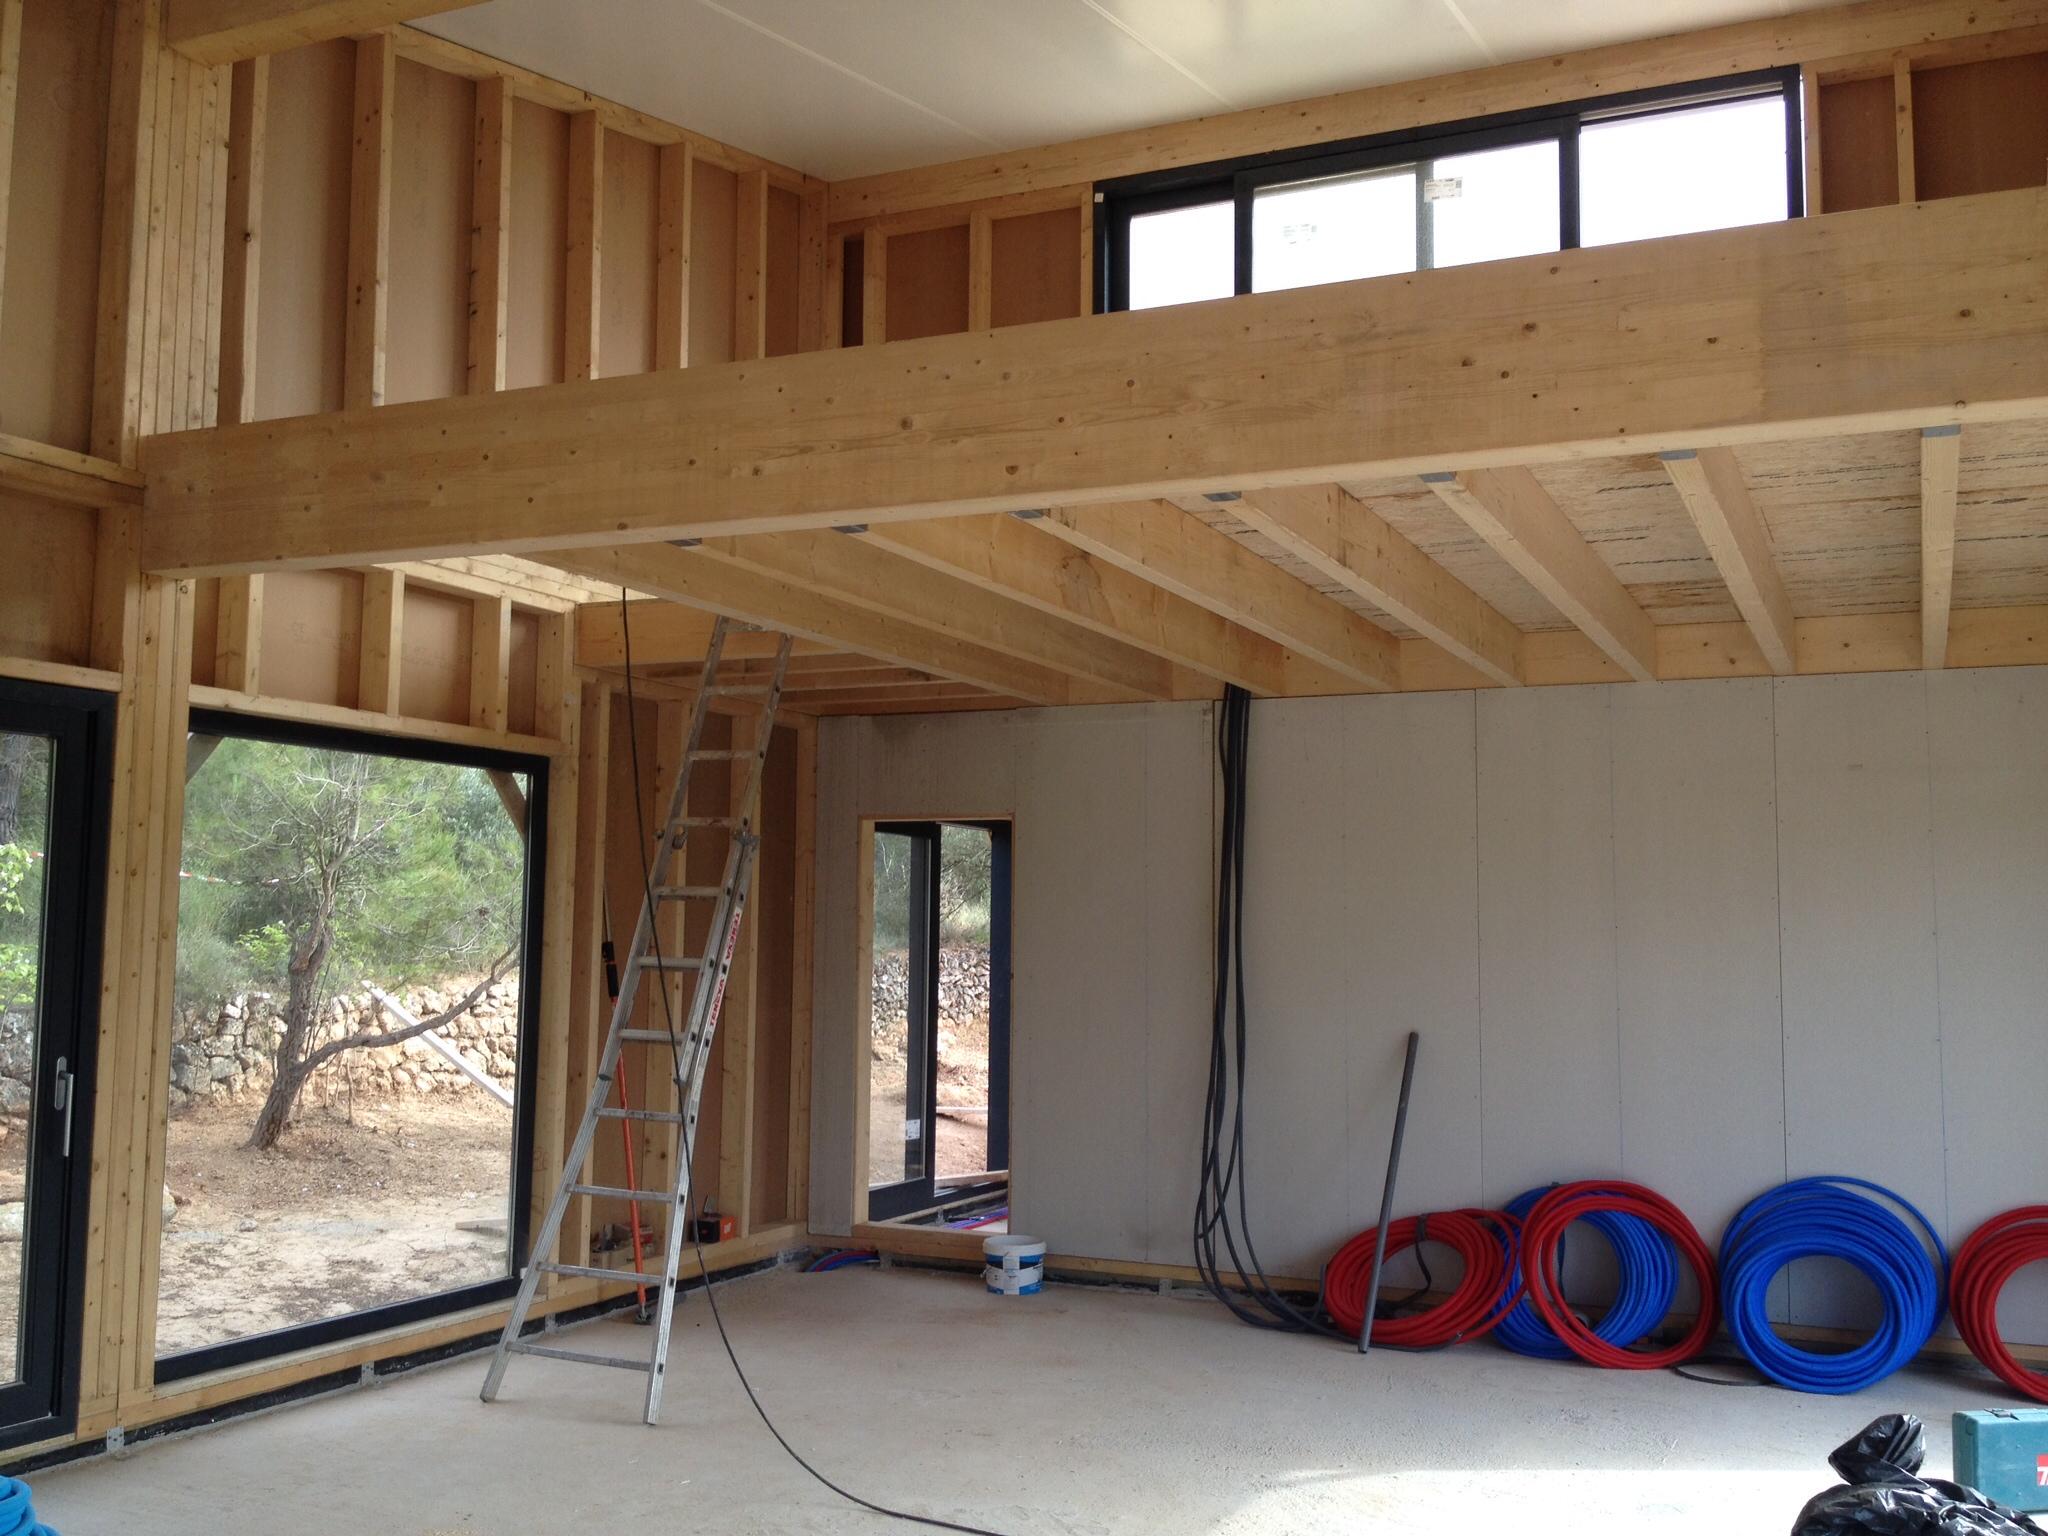 Assemblage des murs bois maison bois c t sud for Plafond poutres apparentes bois